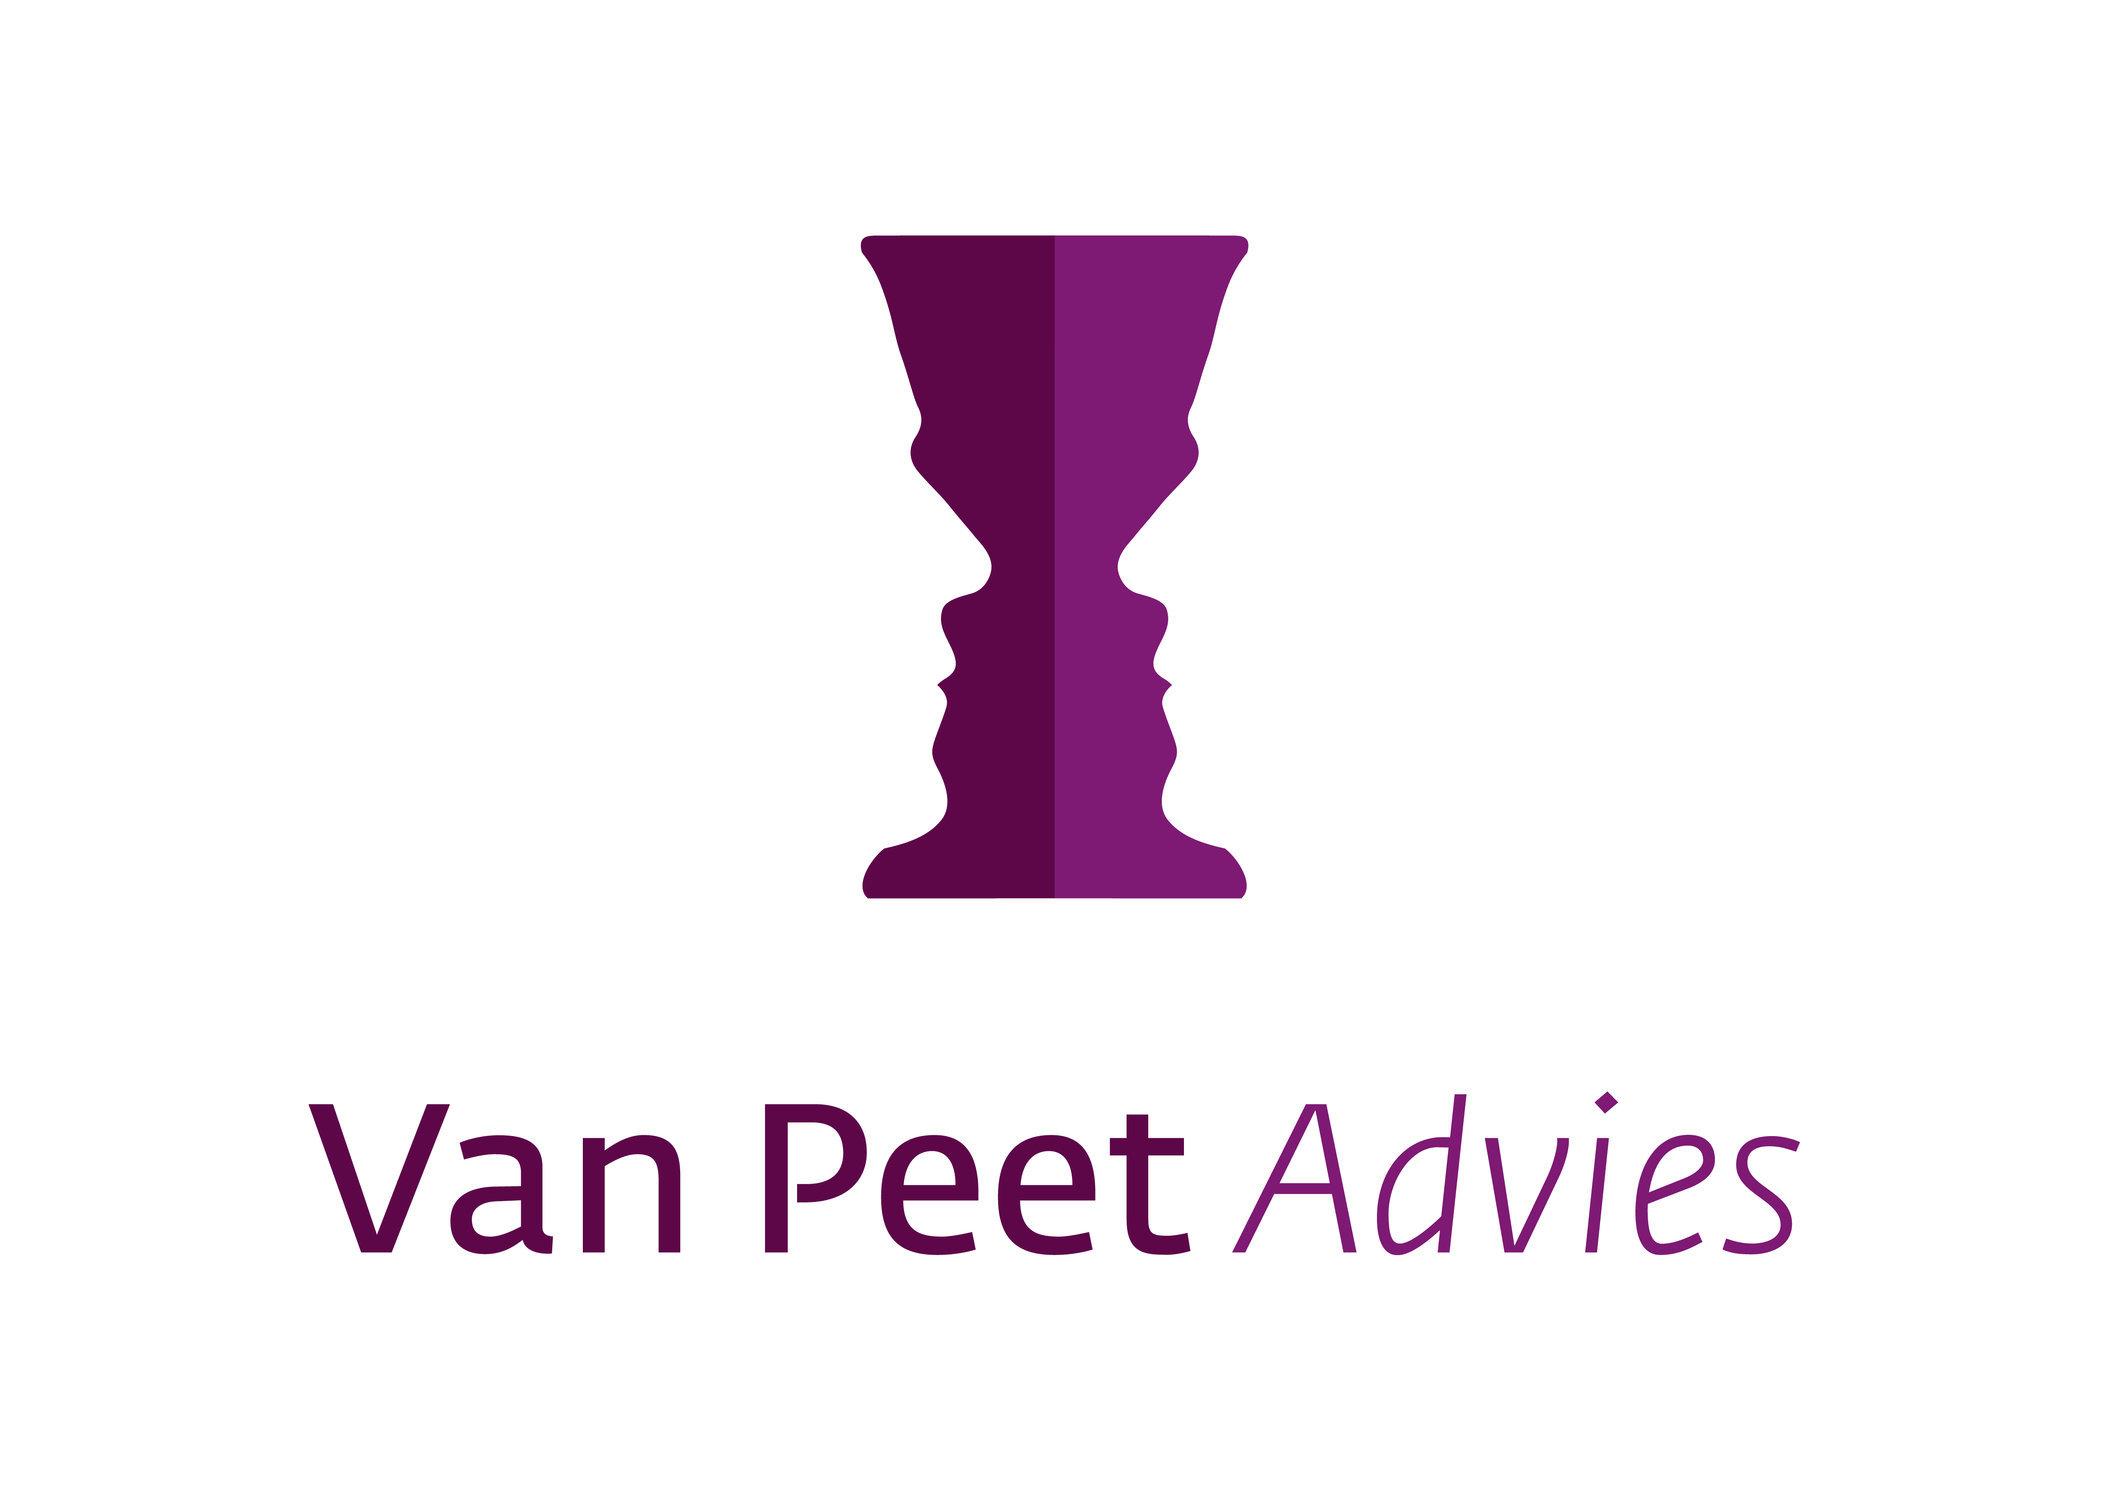 Van Peet Advies